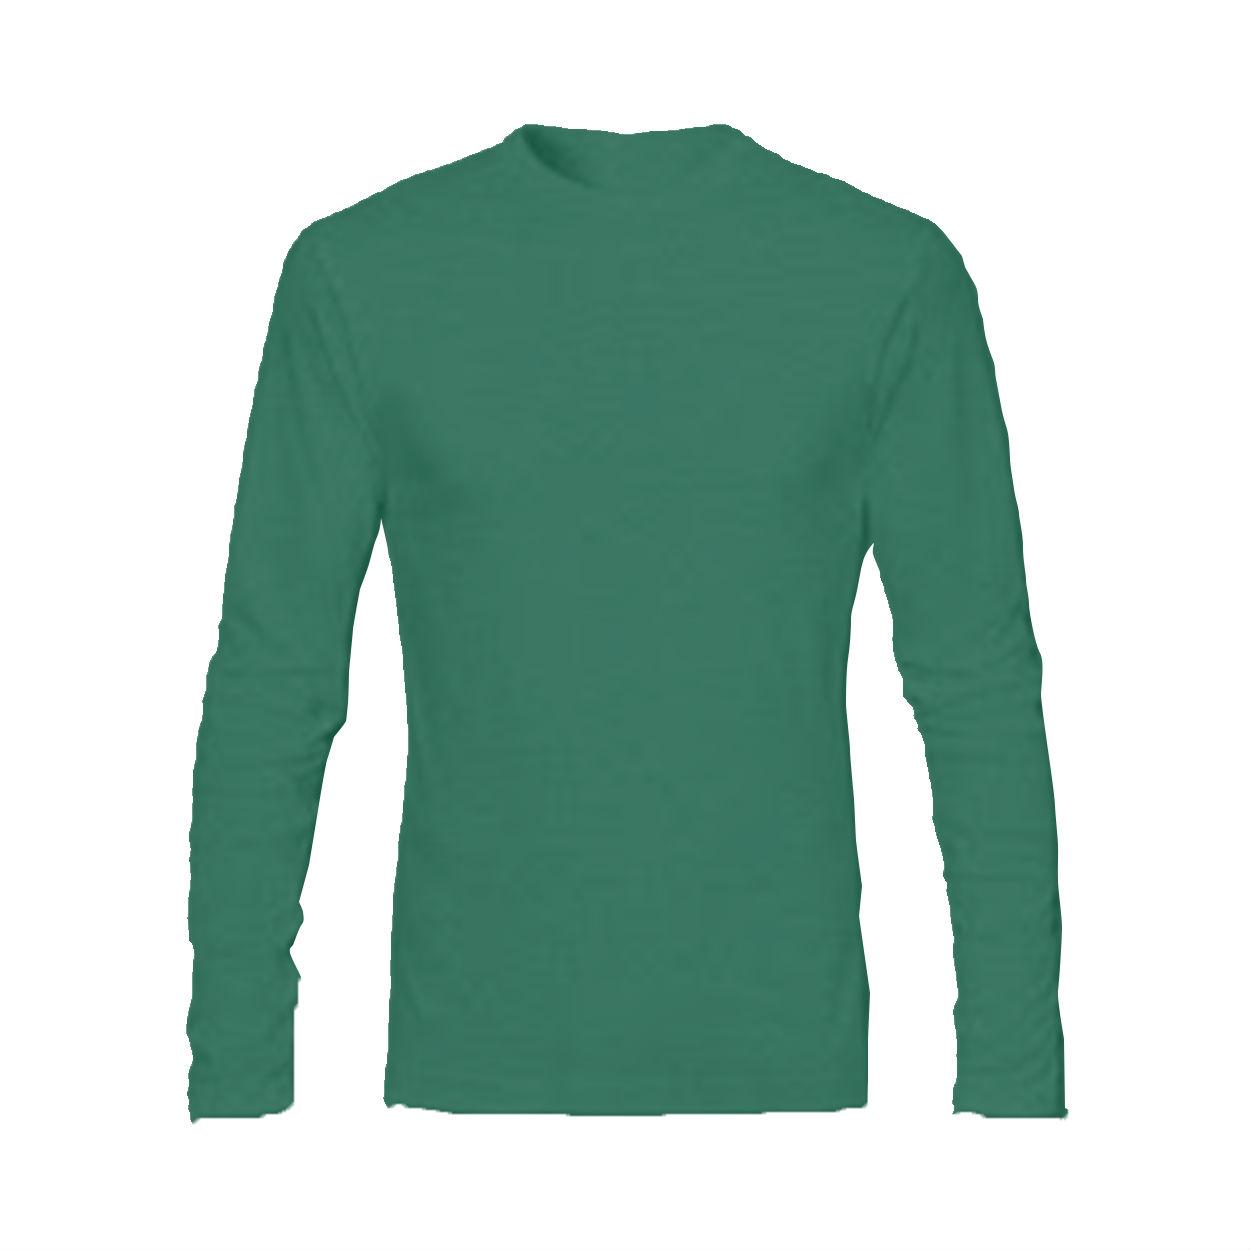 חולצות דרייפיט ארוכות